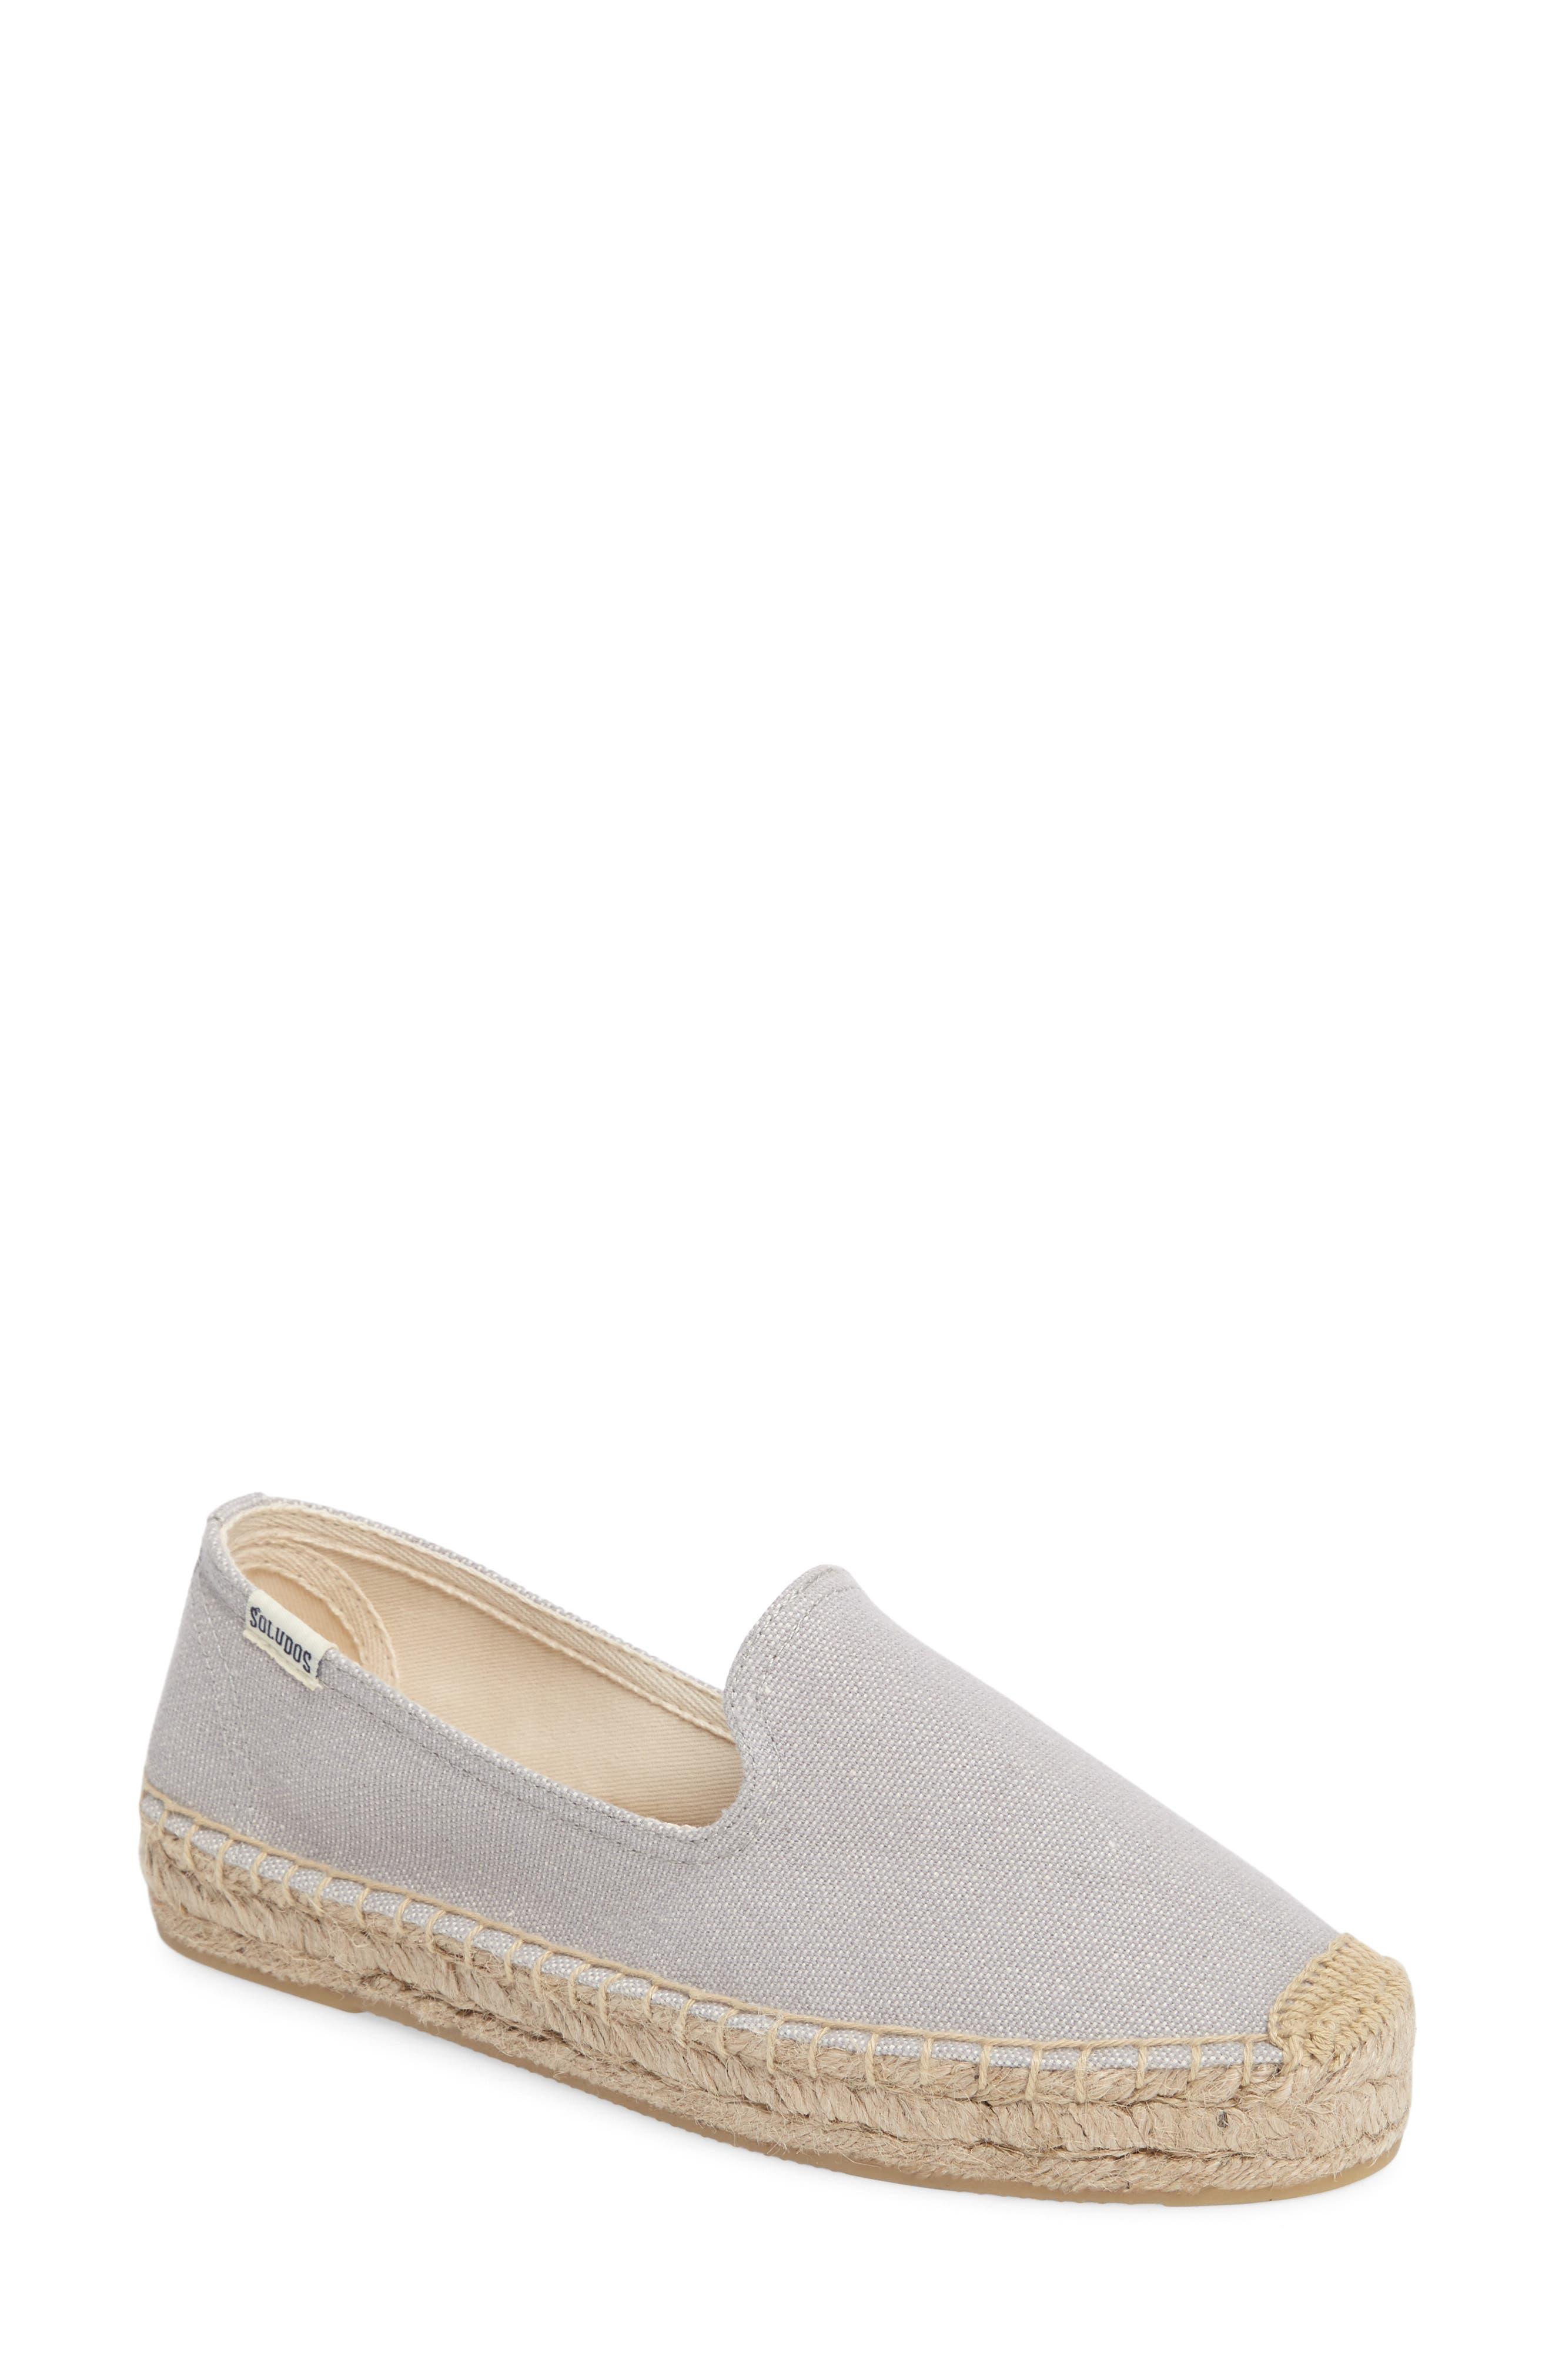 Espadrille Loafer,                         Main,                         color, 022